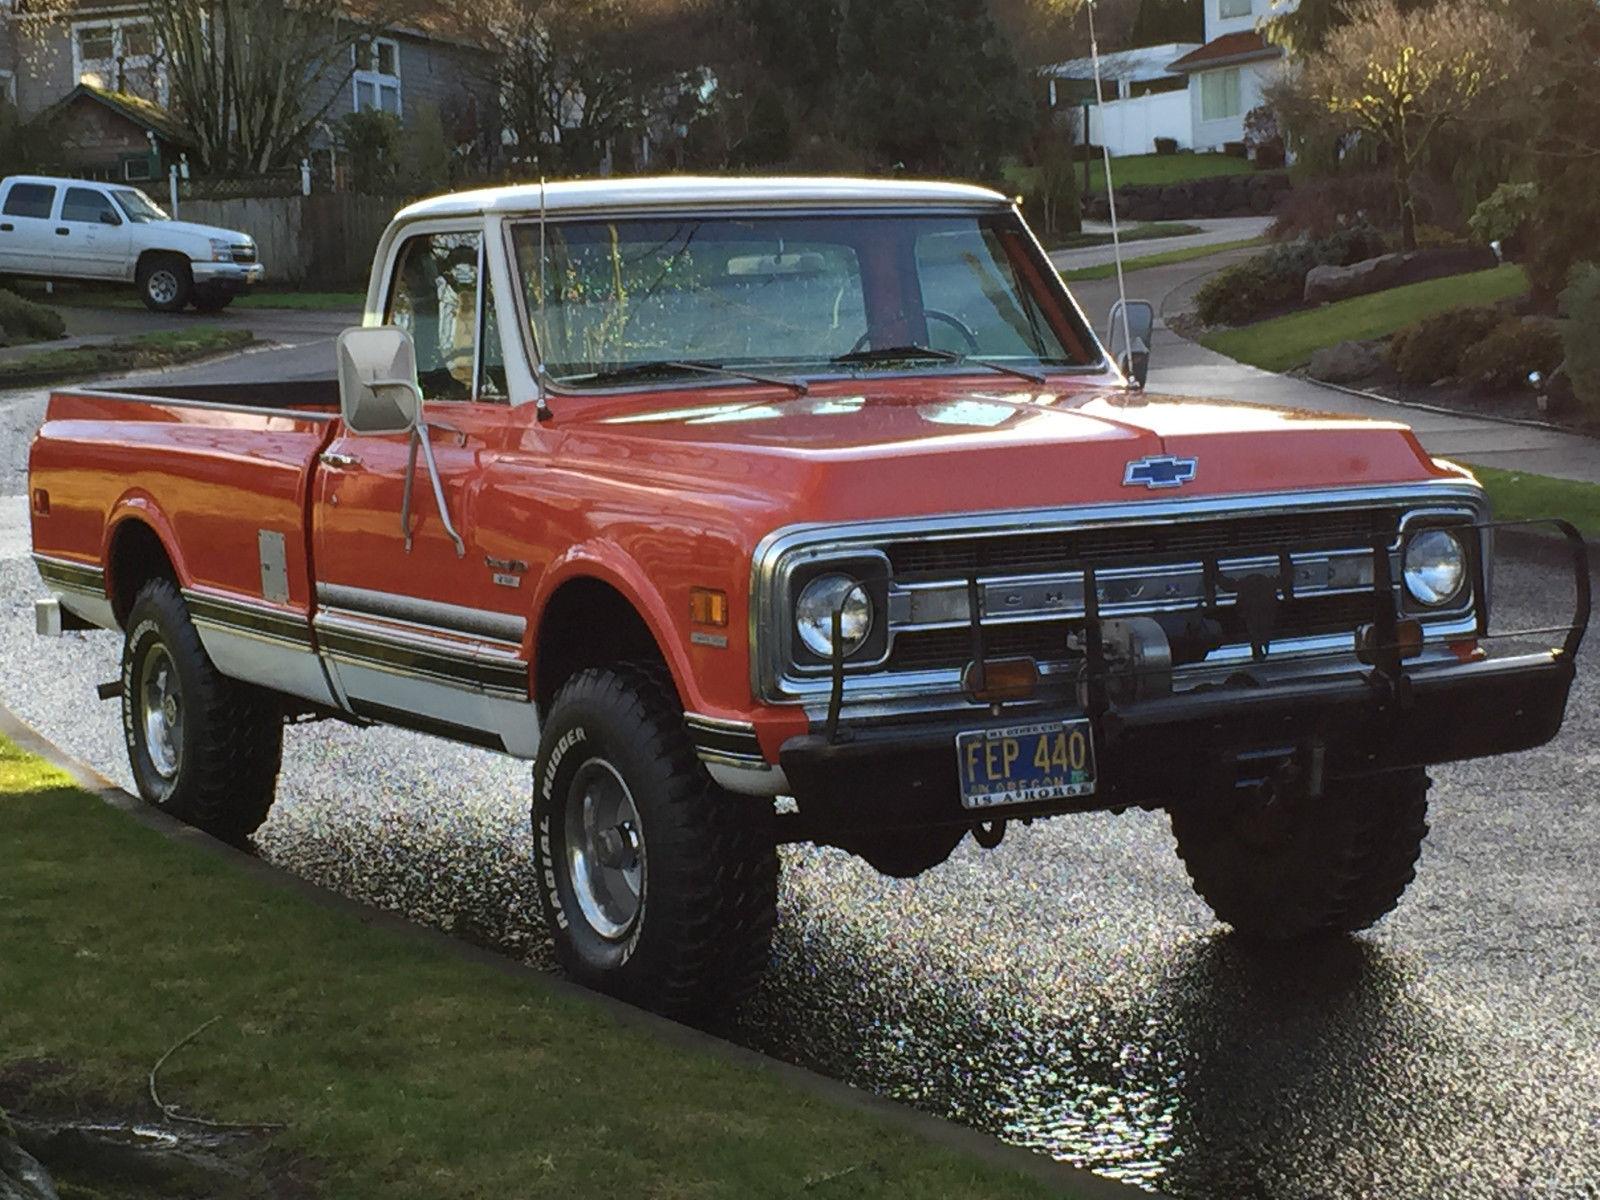 1970 chevrolet c10 4x4 pickup 2dr reg cab 4 8l engine 63k original miles 1 39 owner classic. Black Bedroom Furniture Sets. Home Design Ideas